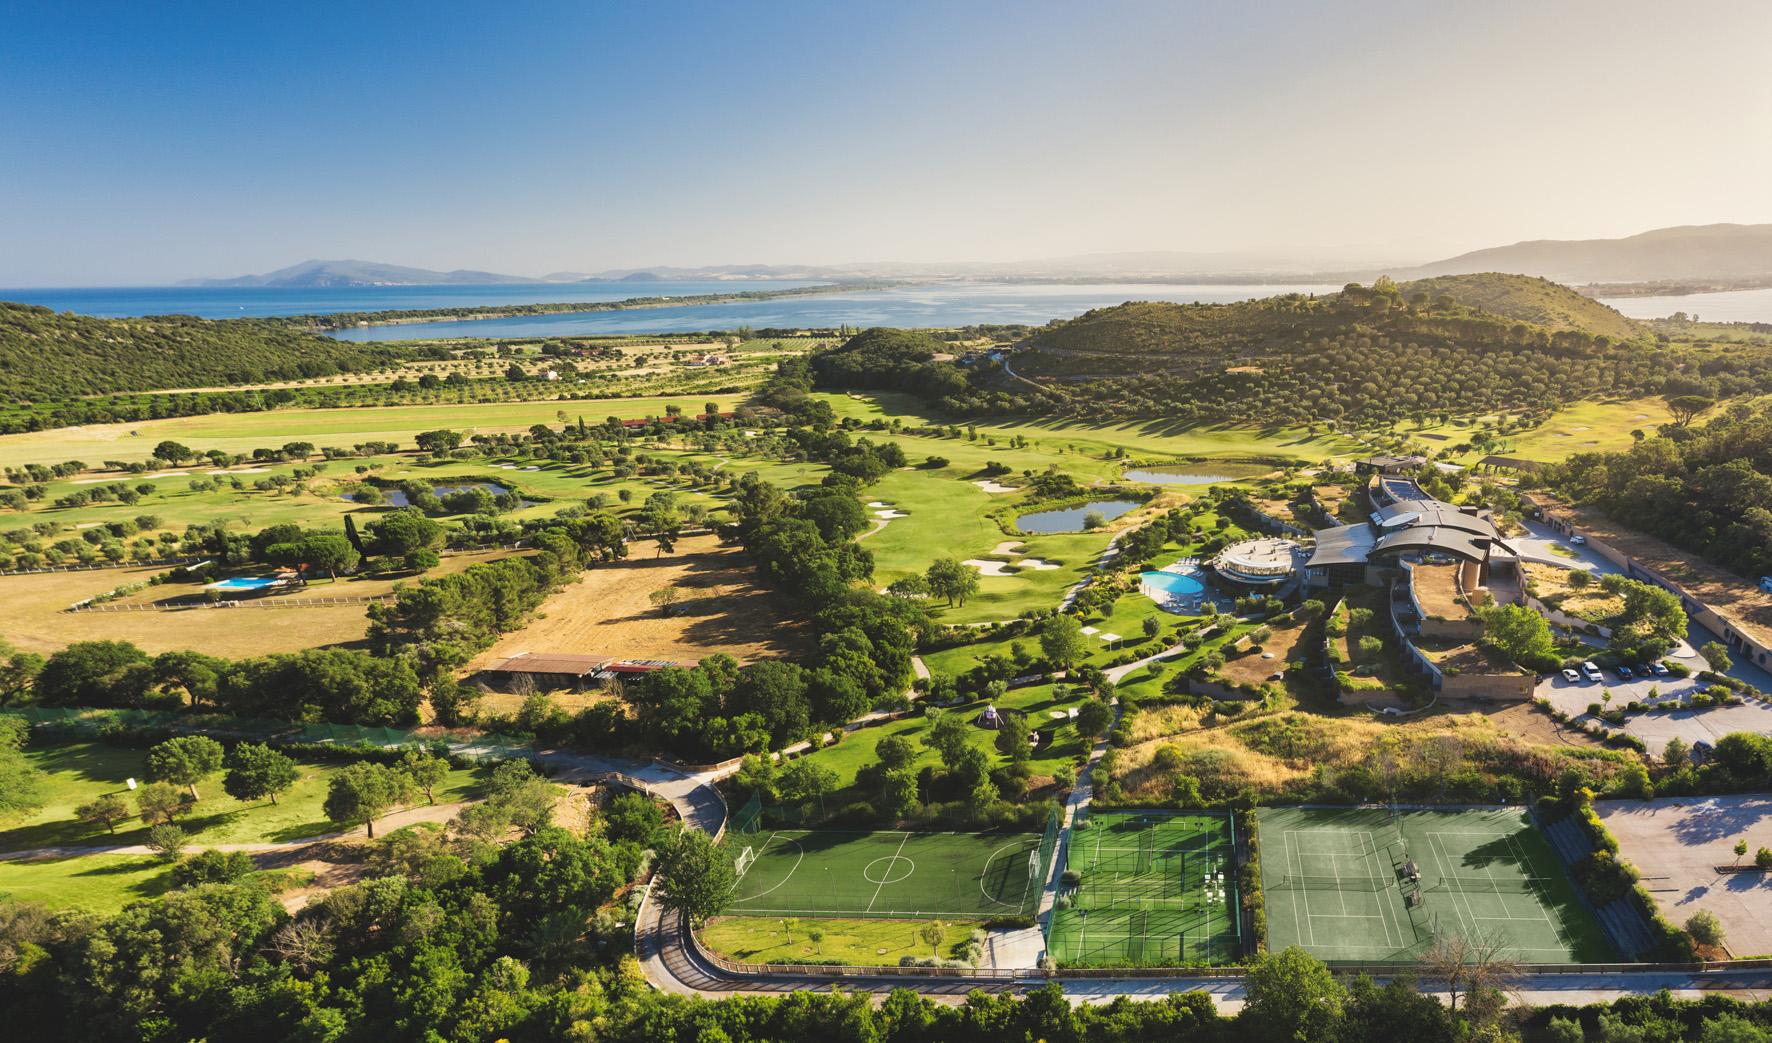 Argentario Golf Resort in Toscana